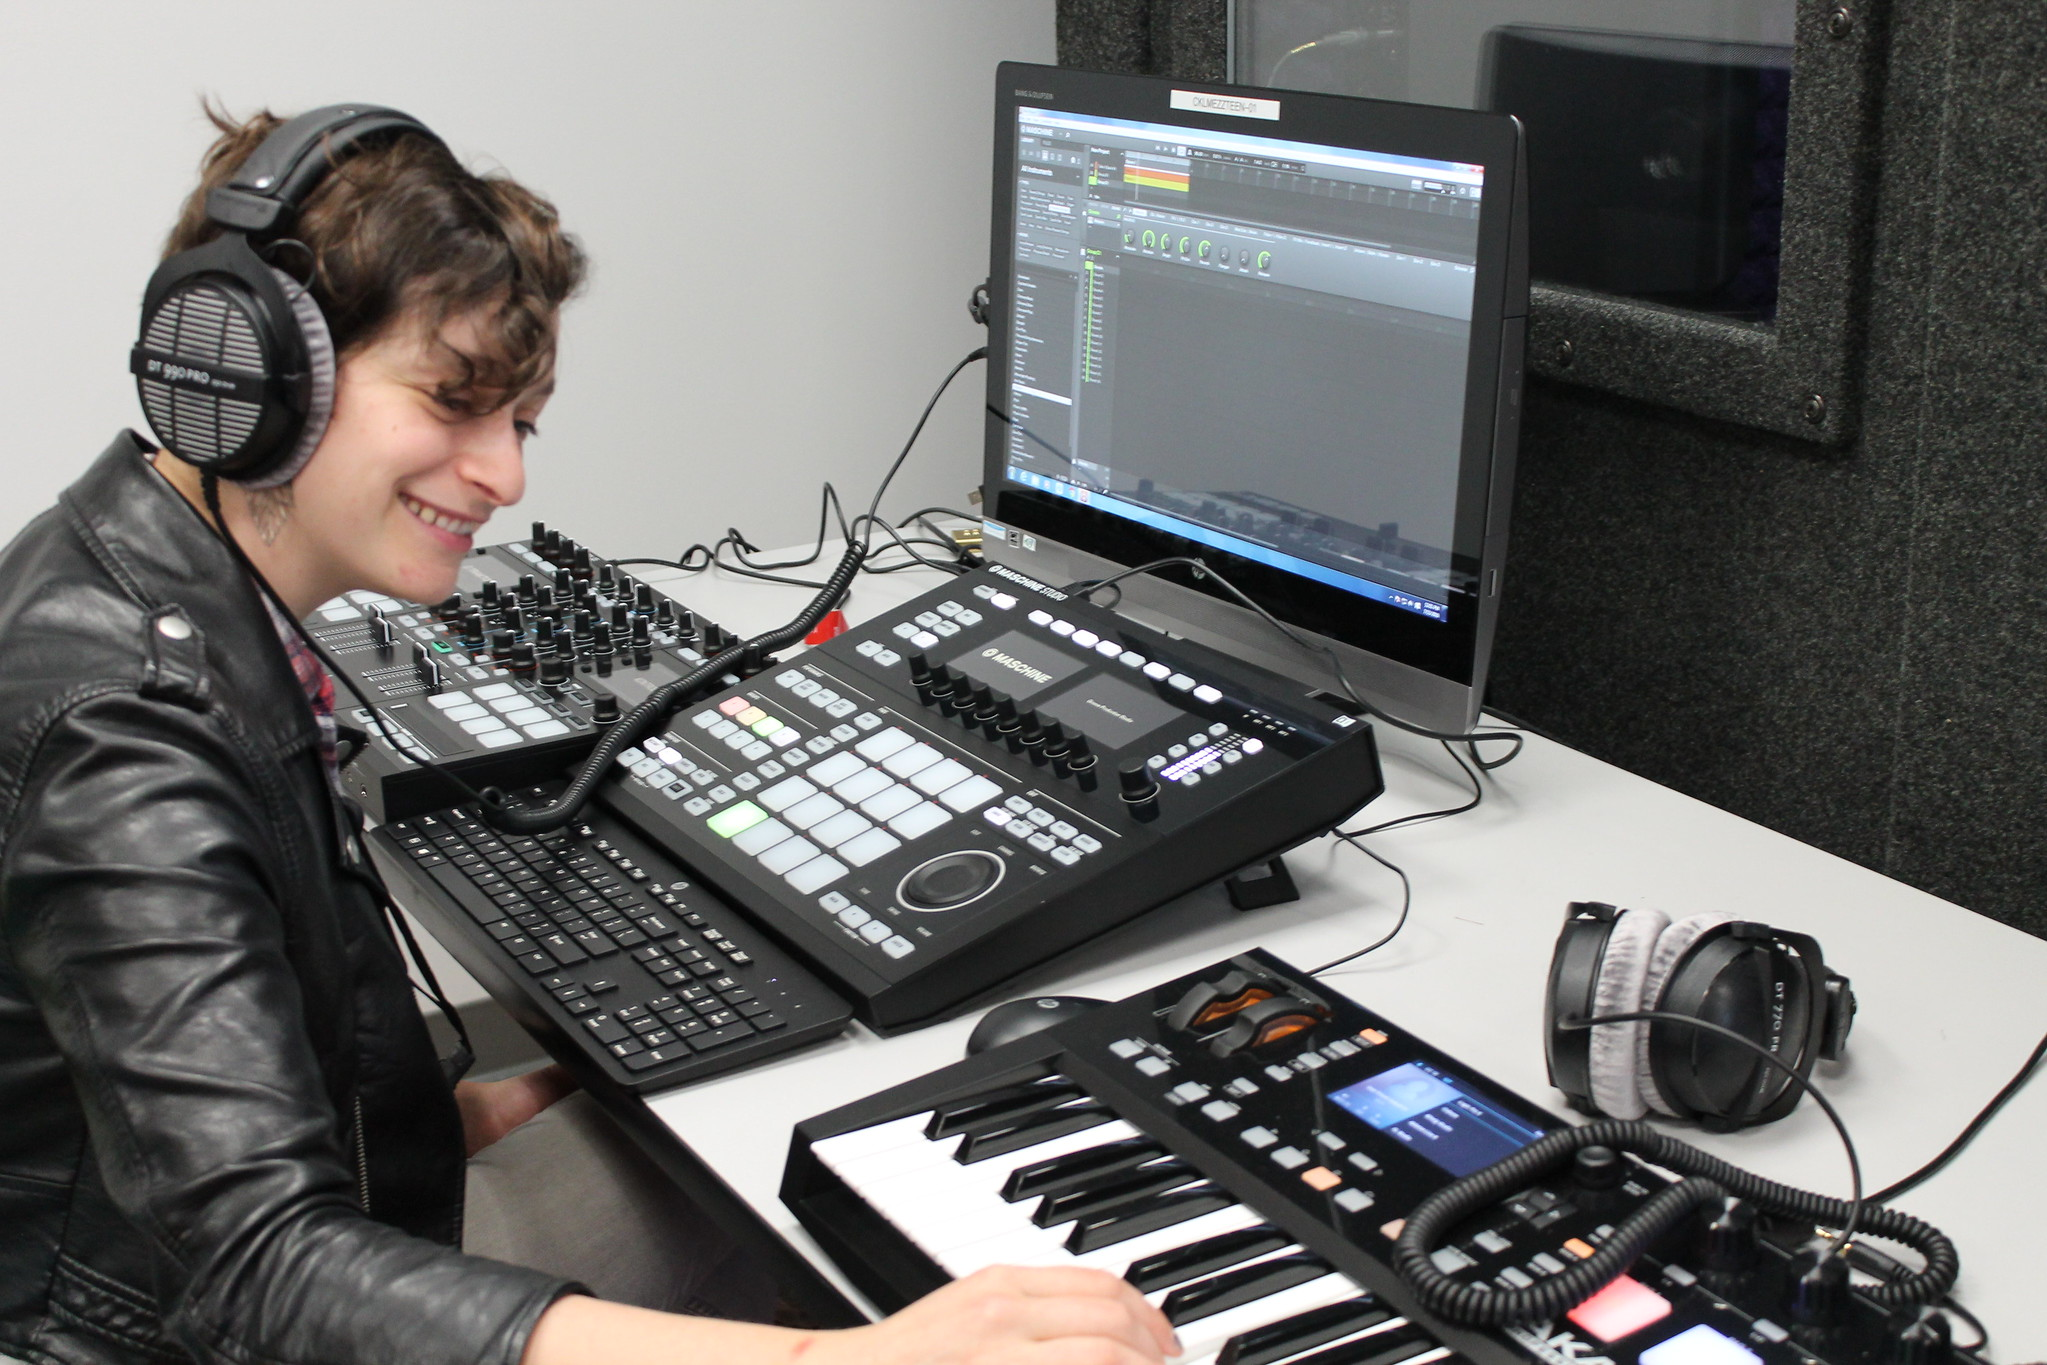 Frau am Computer mit Kopfhörern auf, Hände auf einem Mischpult, zur Bebilderung von OER-Tracks.